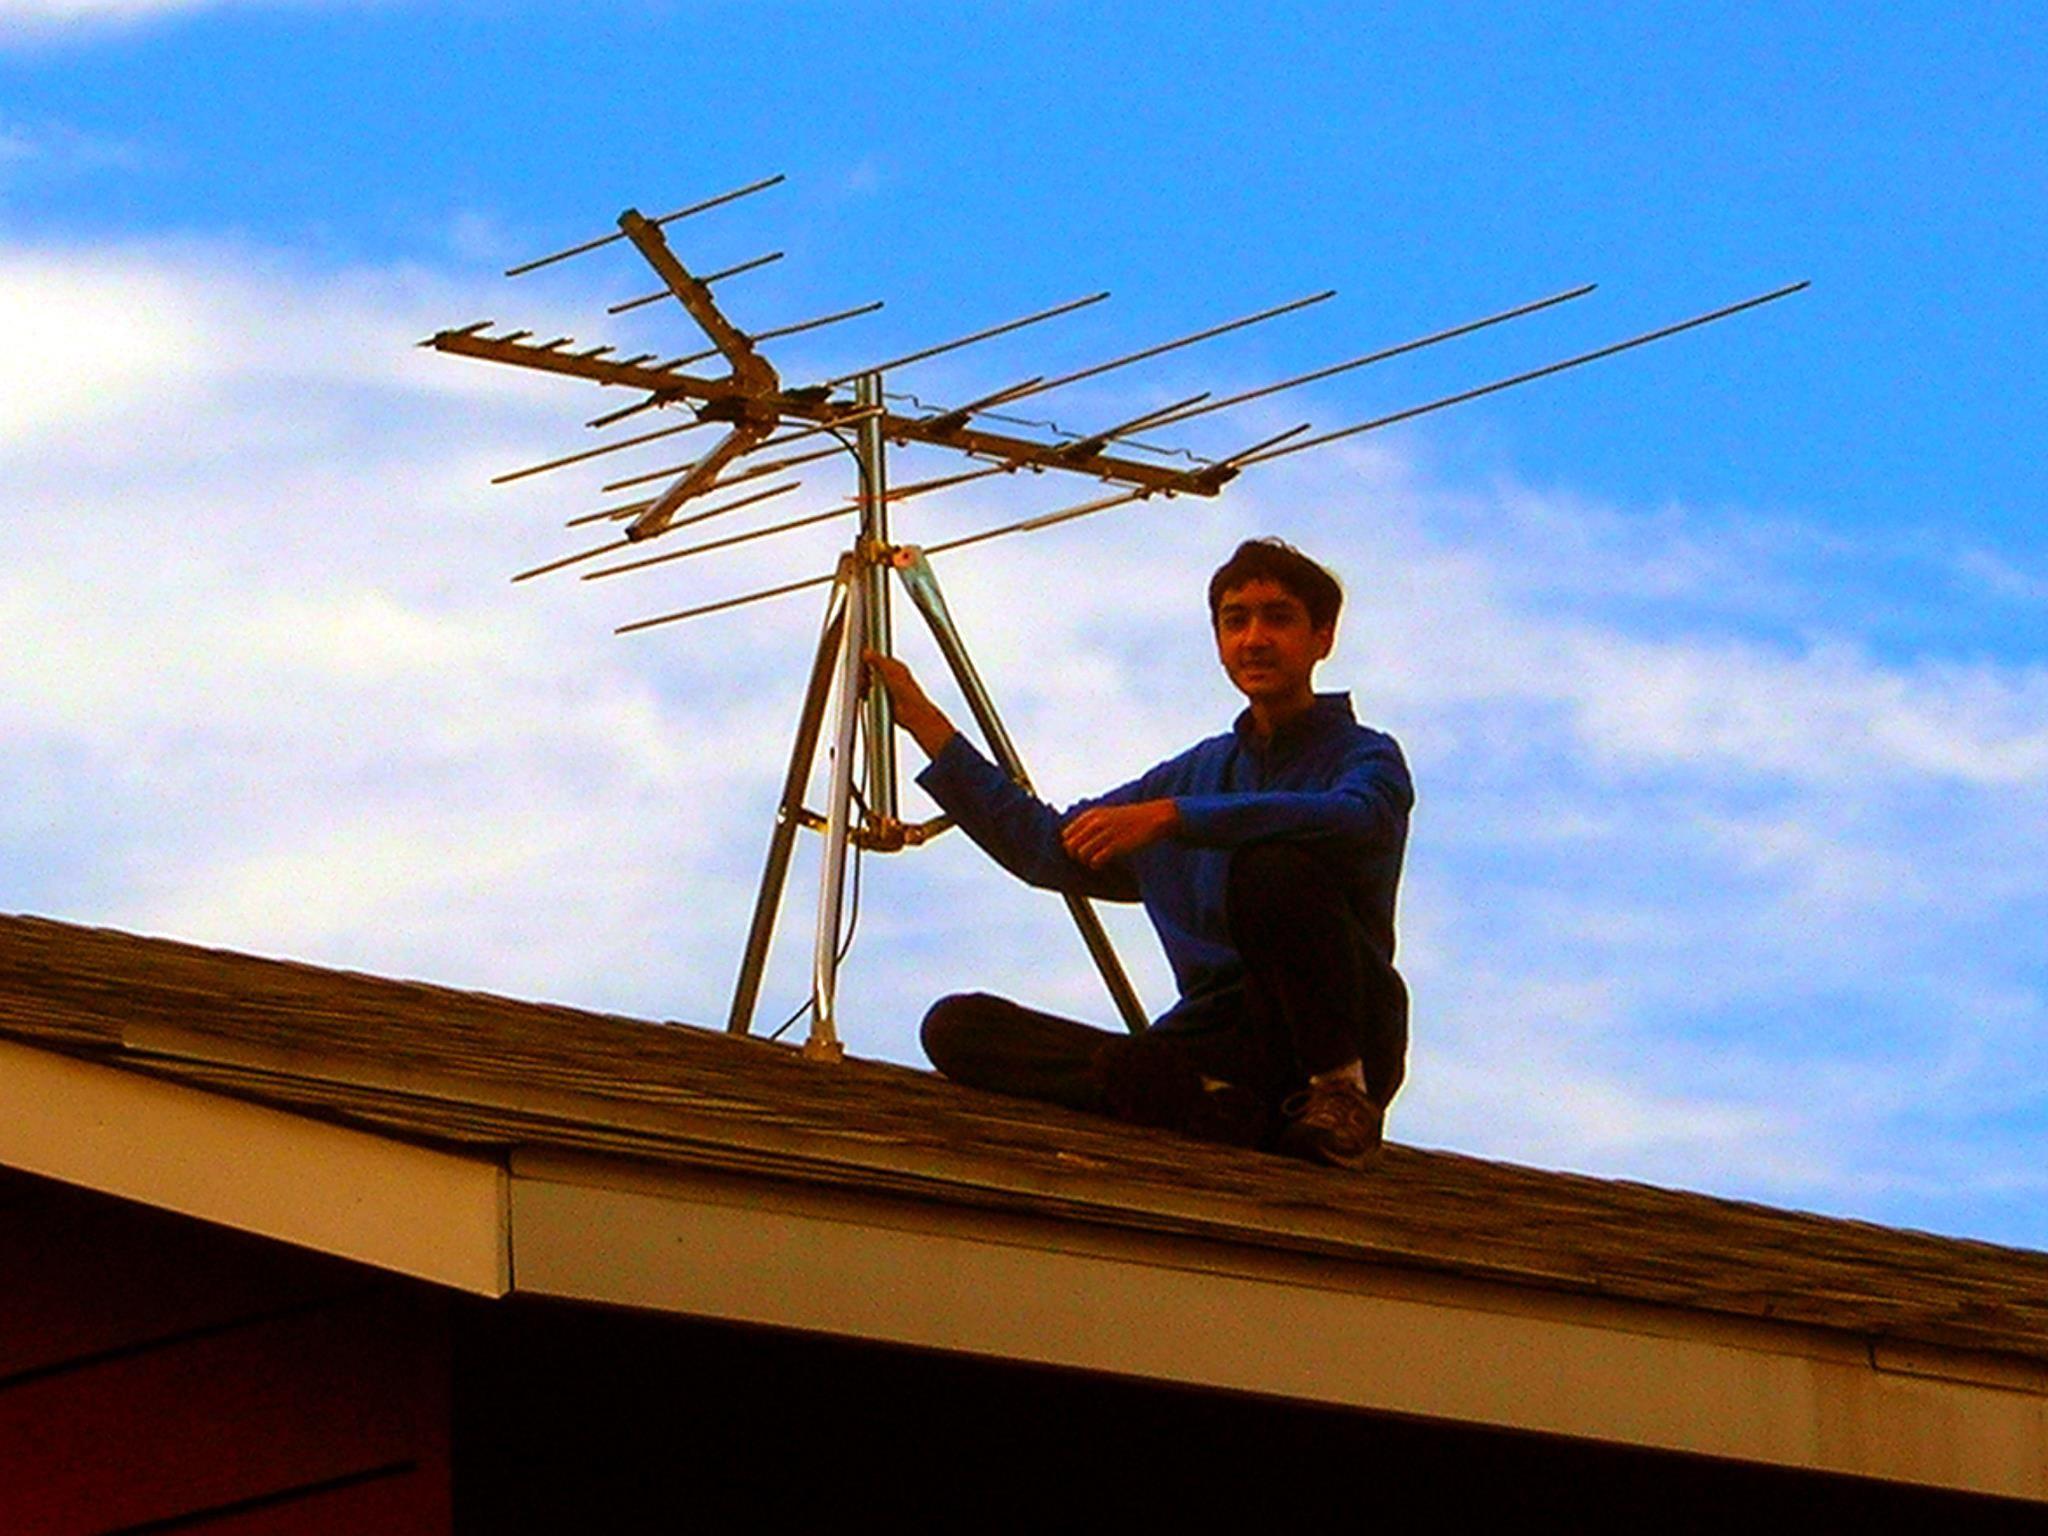 Weather Television Antenna Tv Antenna Rooftop Garden